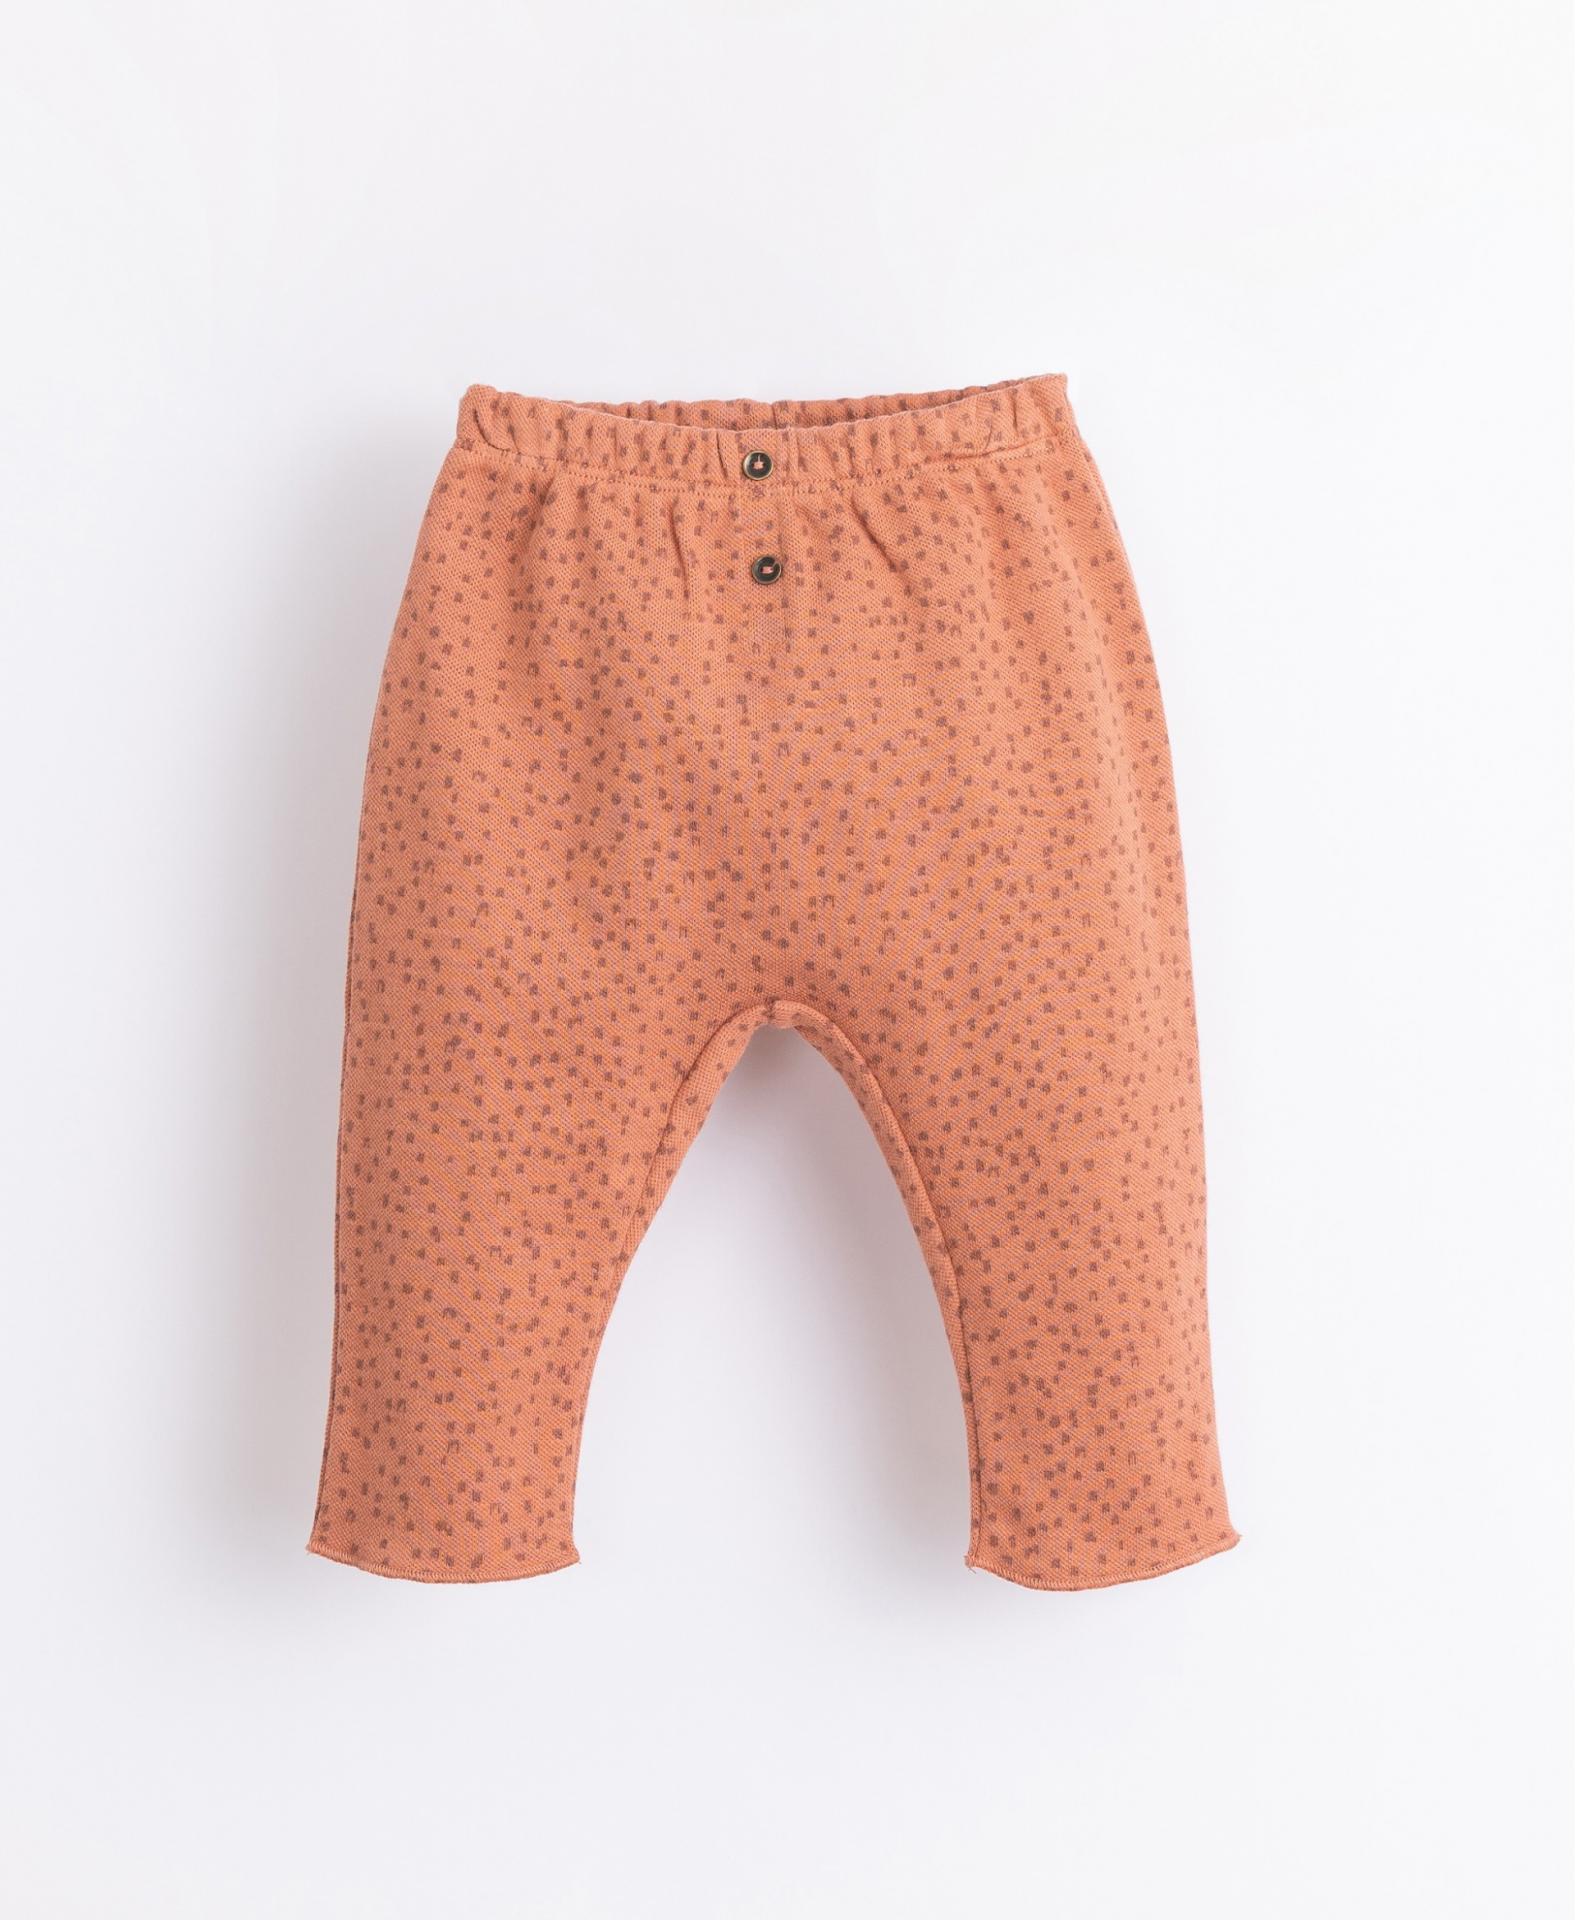 Pantalón con patrón y botones decorativos PLAY UP